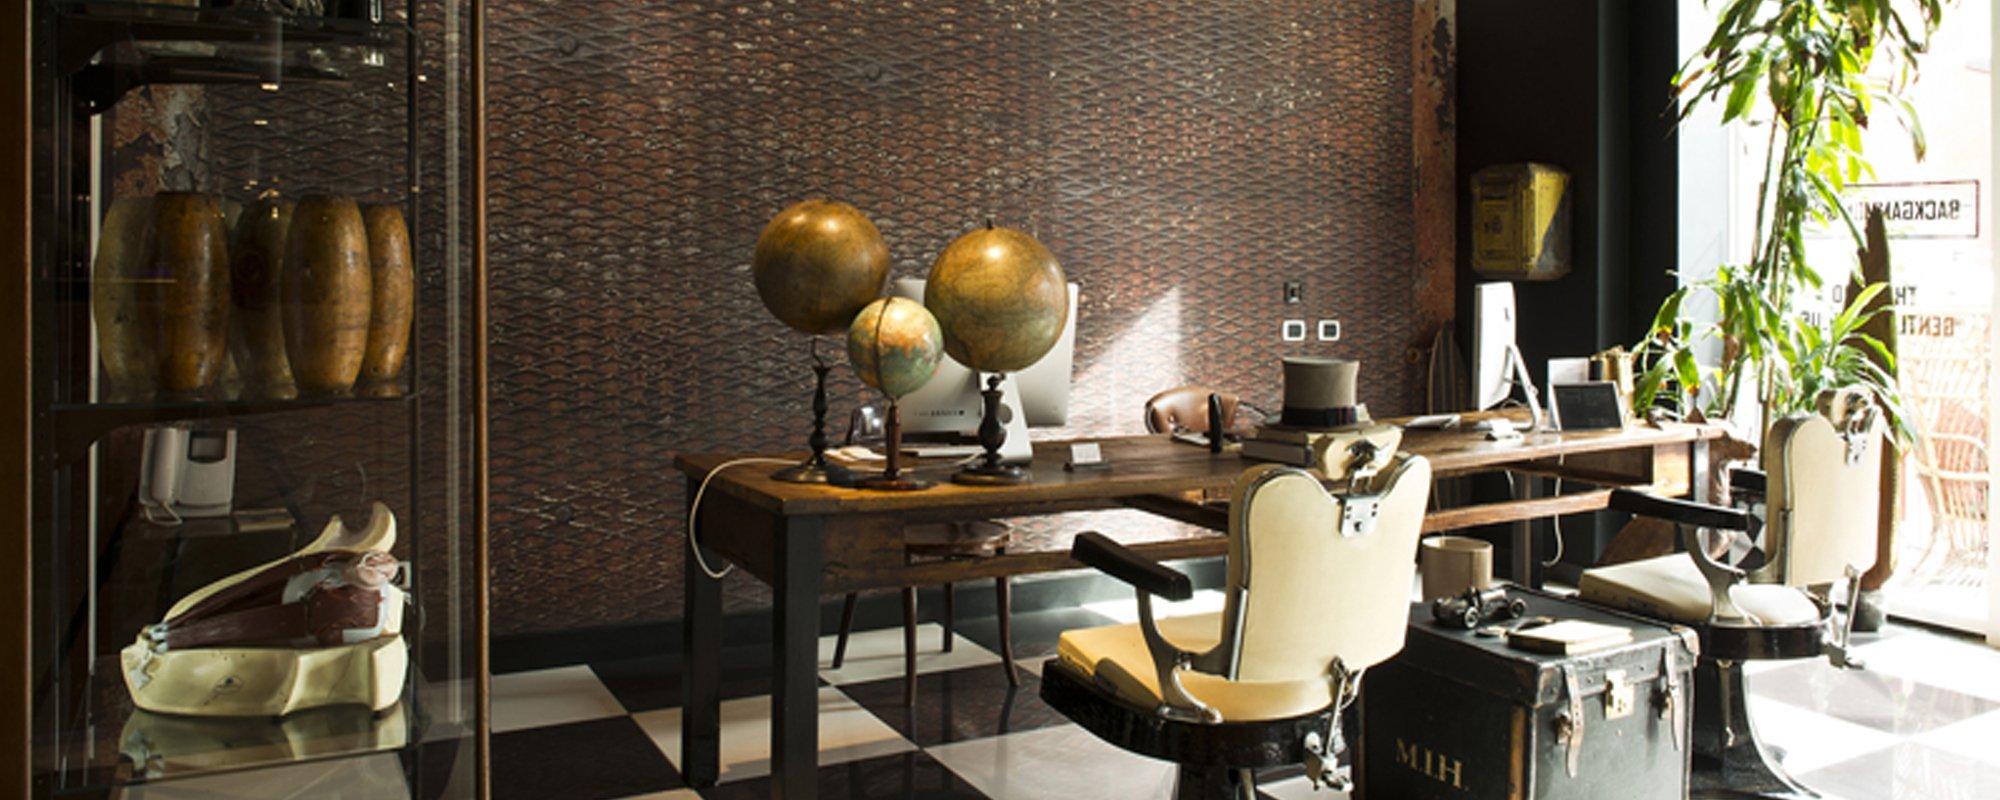 studio con tre mappamondi appoggiati sulla scrivania